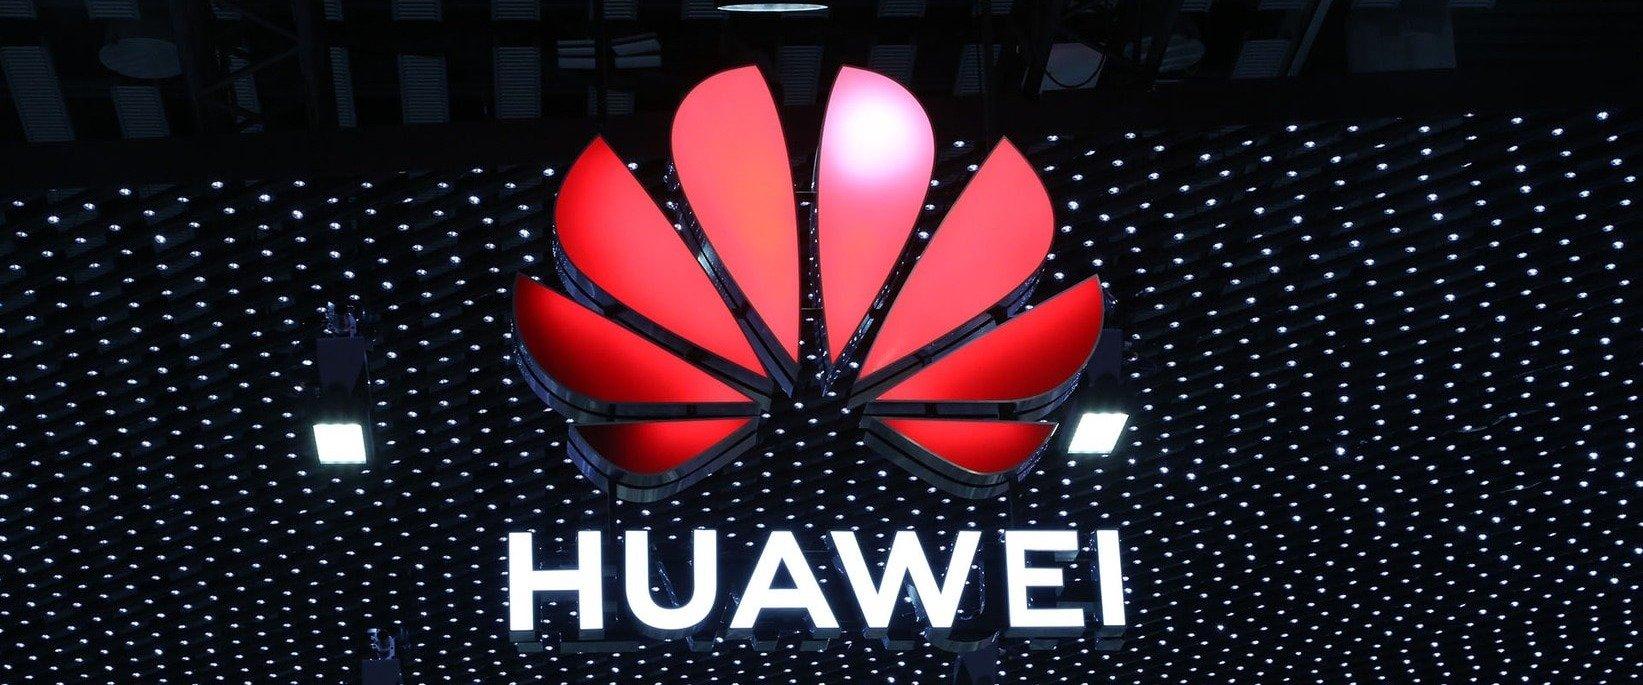 Huawei: wraz z technologią 5G przyszłość innowacji, konsumentów i rynków rysuje się w jasnych barwach